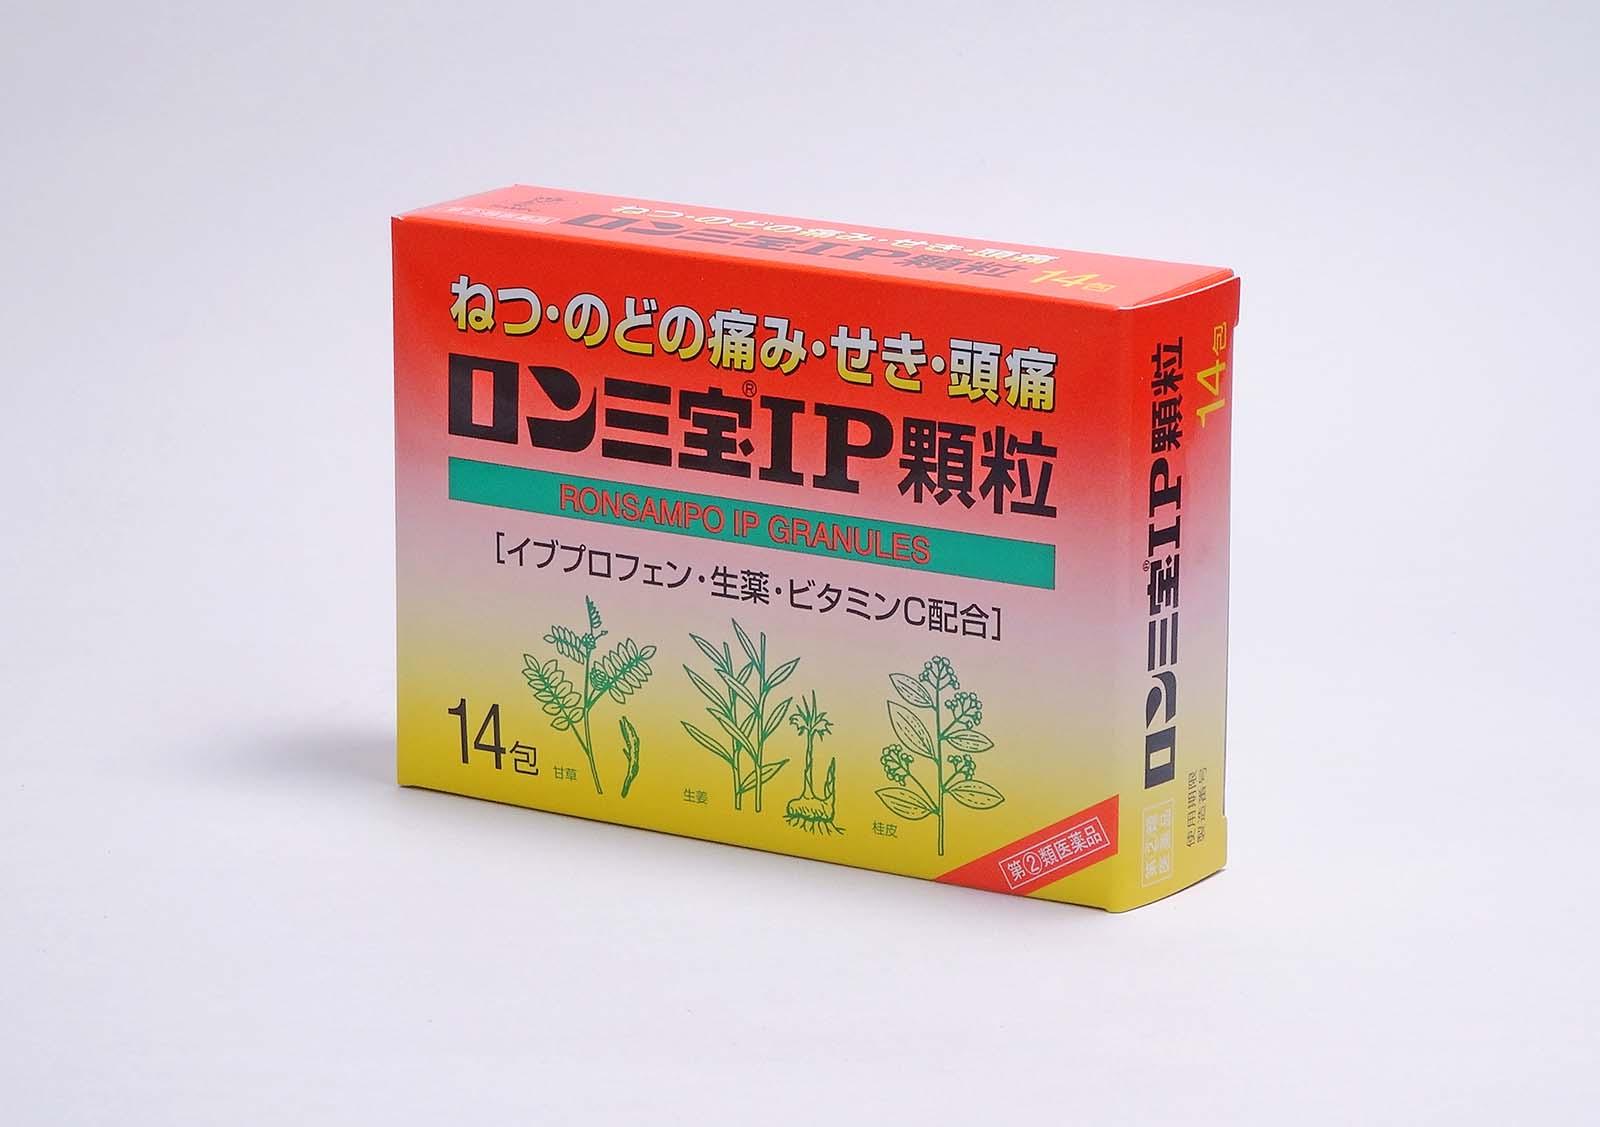 ロン三宝IP顆粒10包